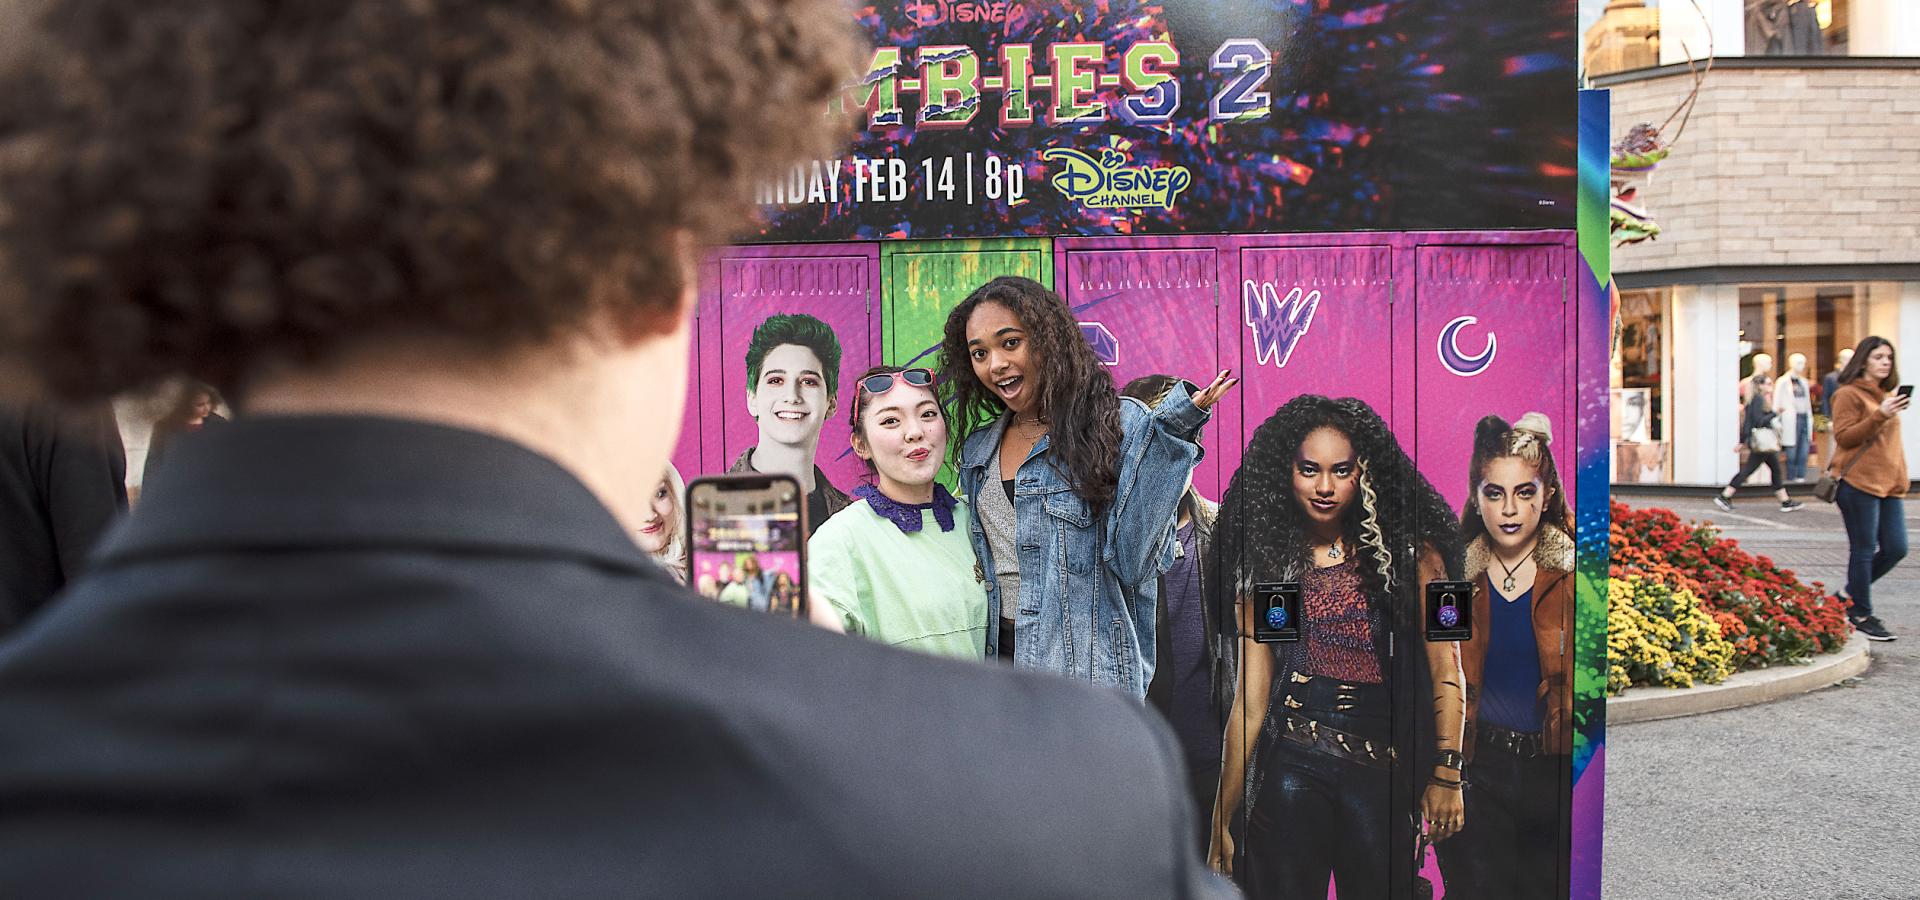 Disney Channel - Surprise Lockers - Talent Appearance